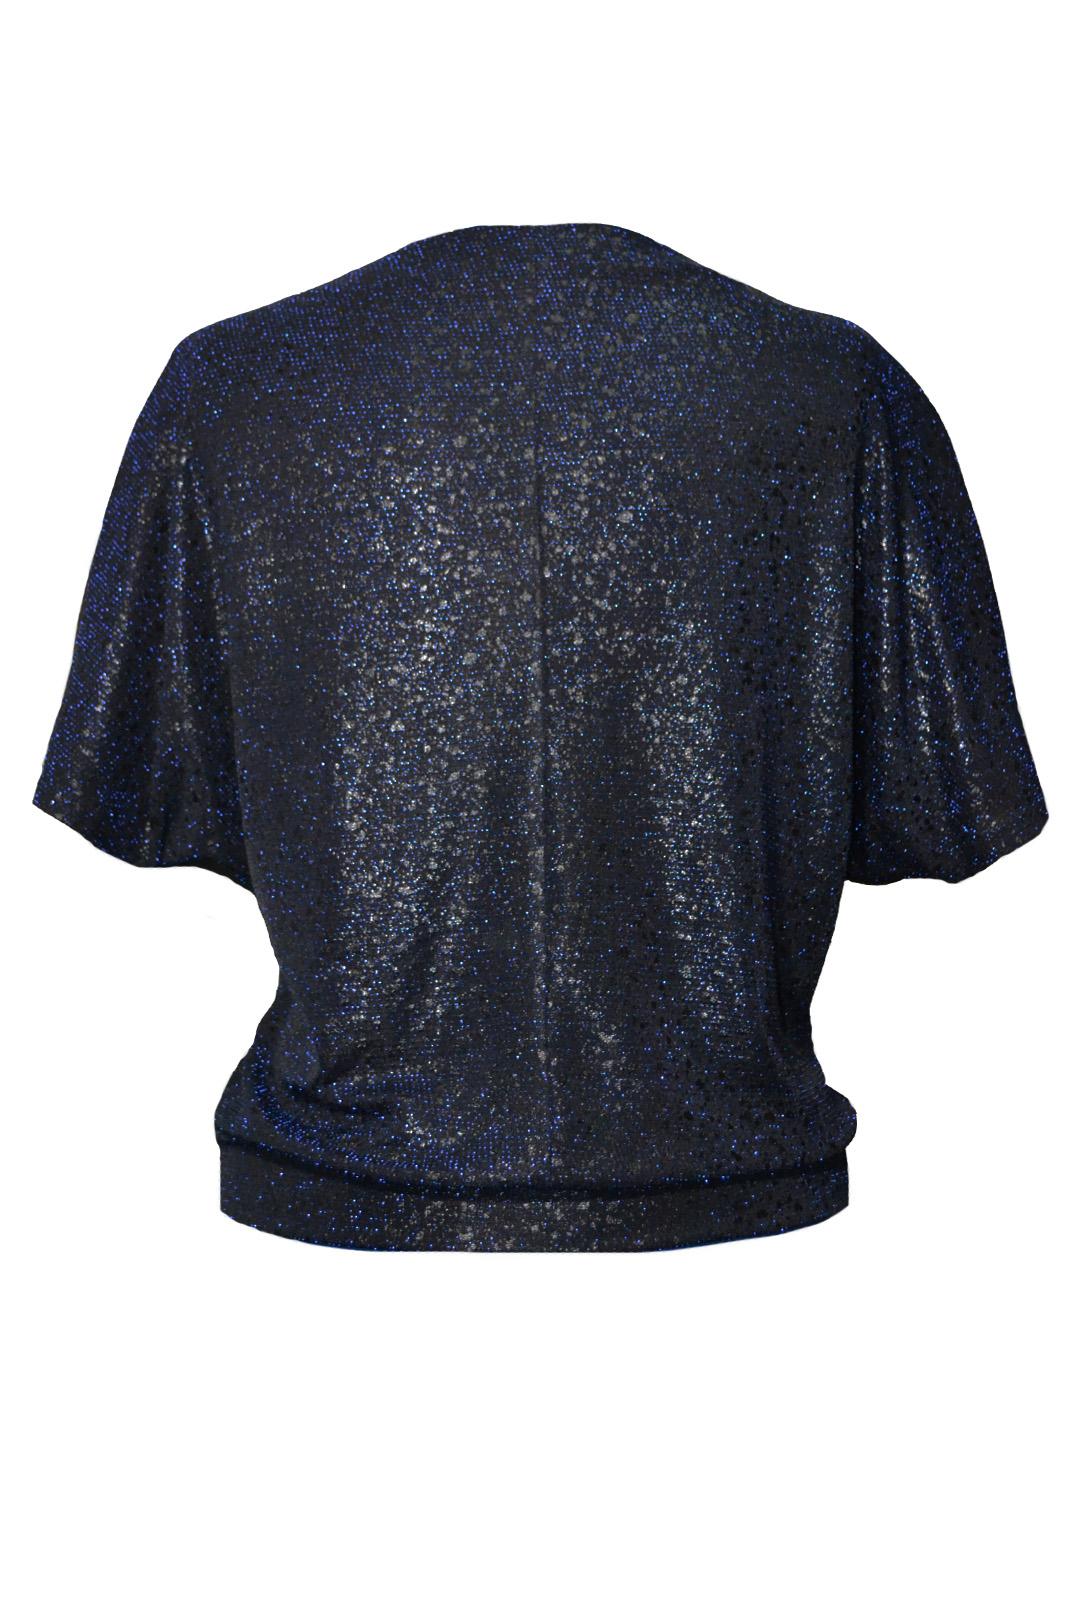 Купить через интернет блузку с доставкой